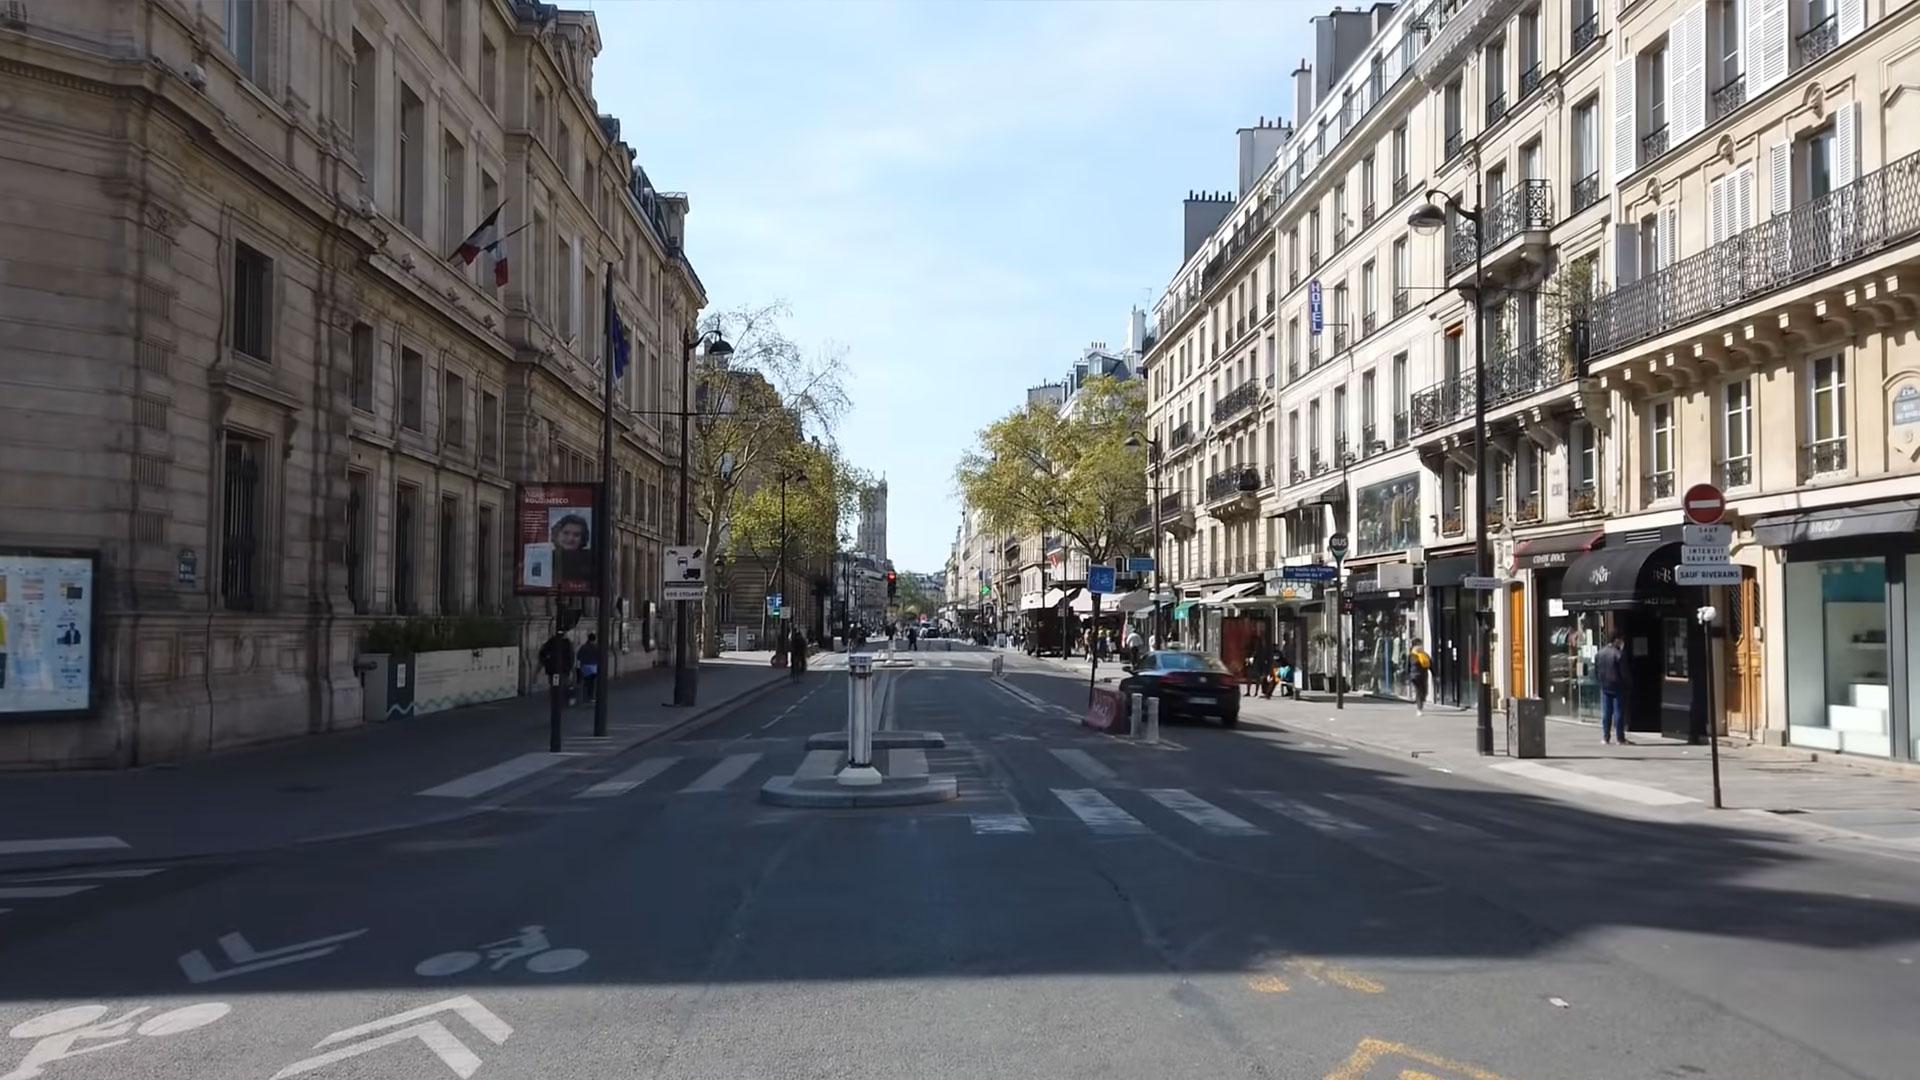 Kruispunt in Parijs is onmogelijk